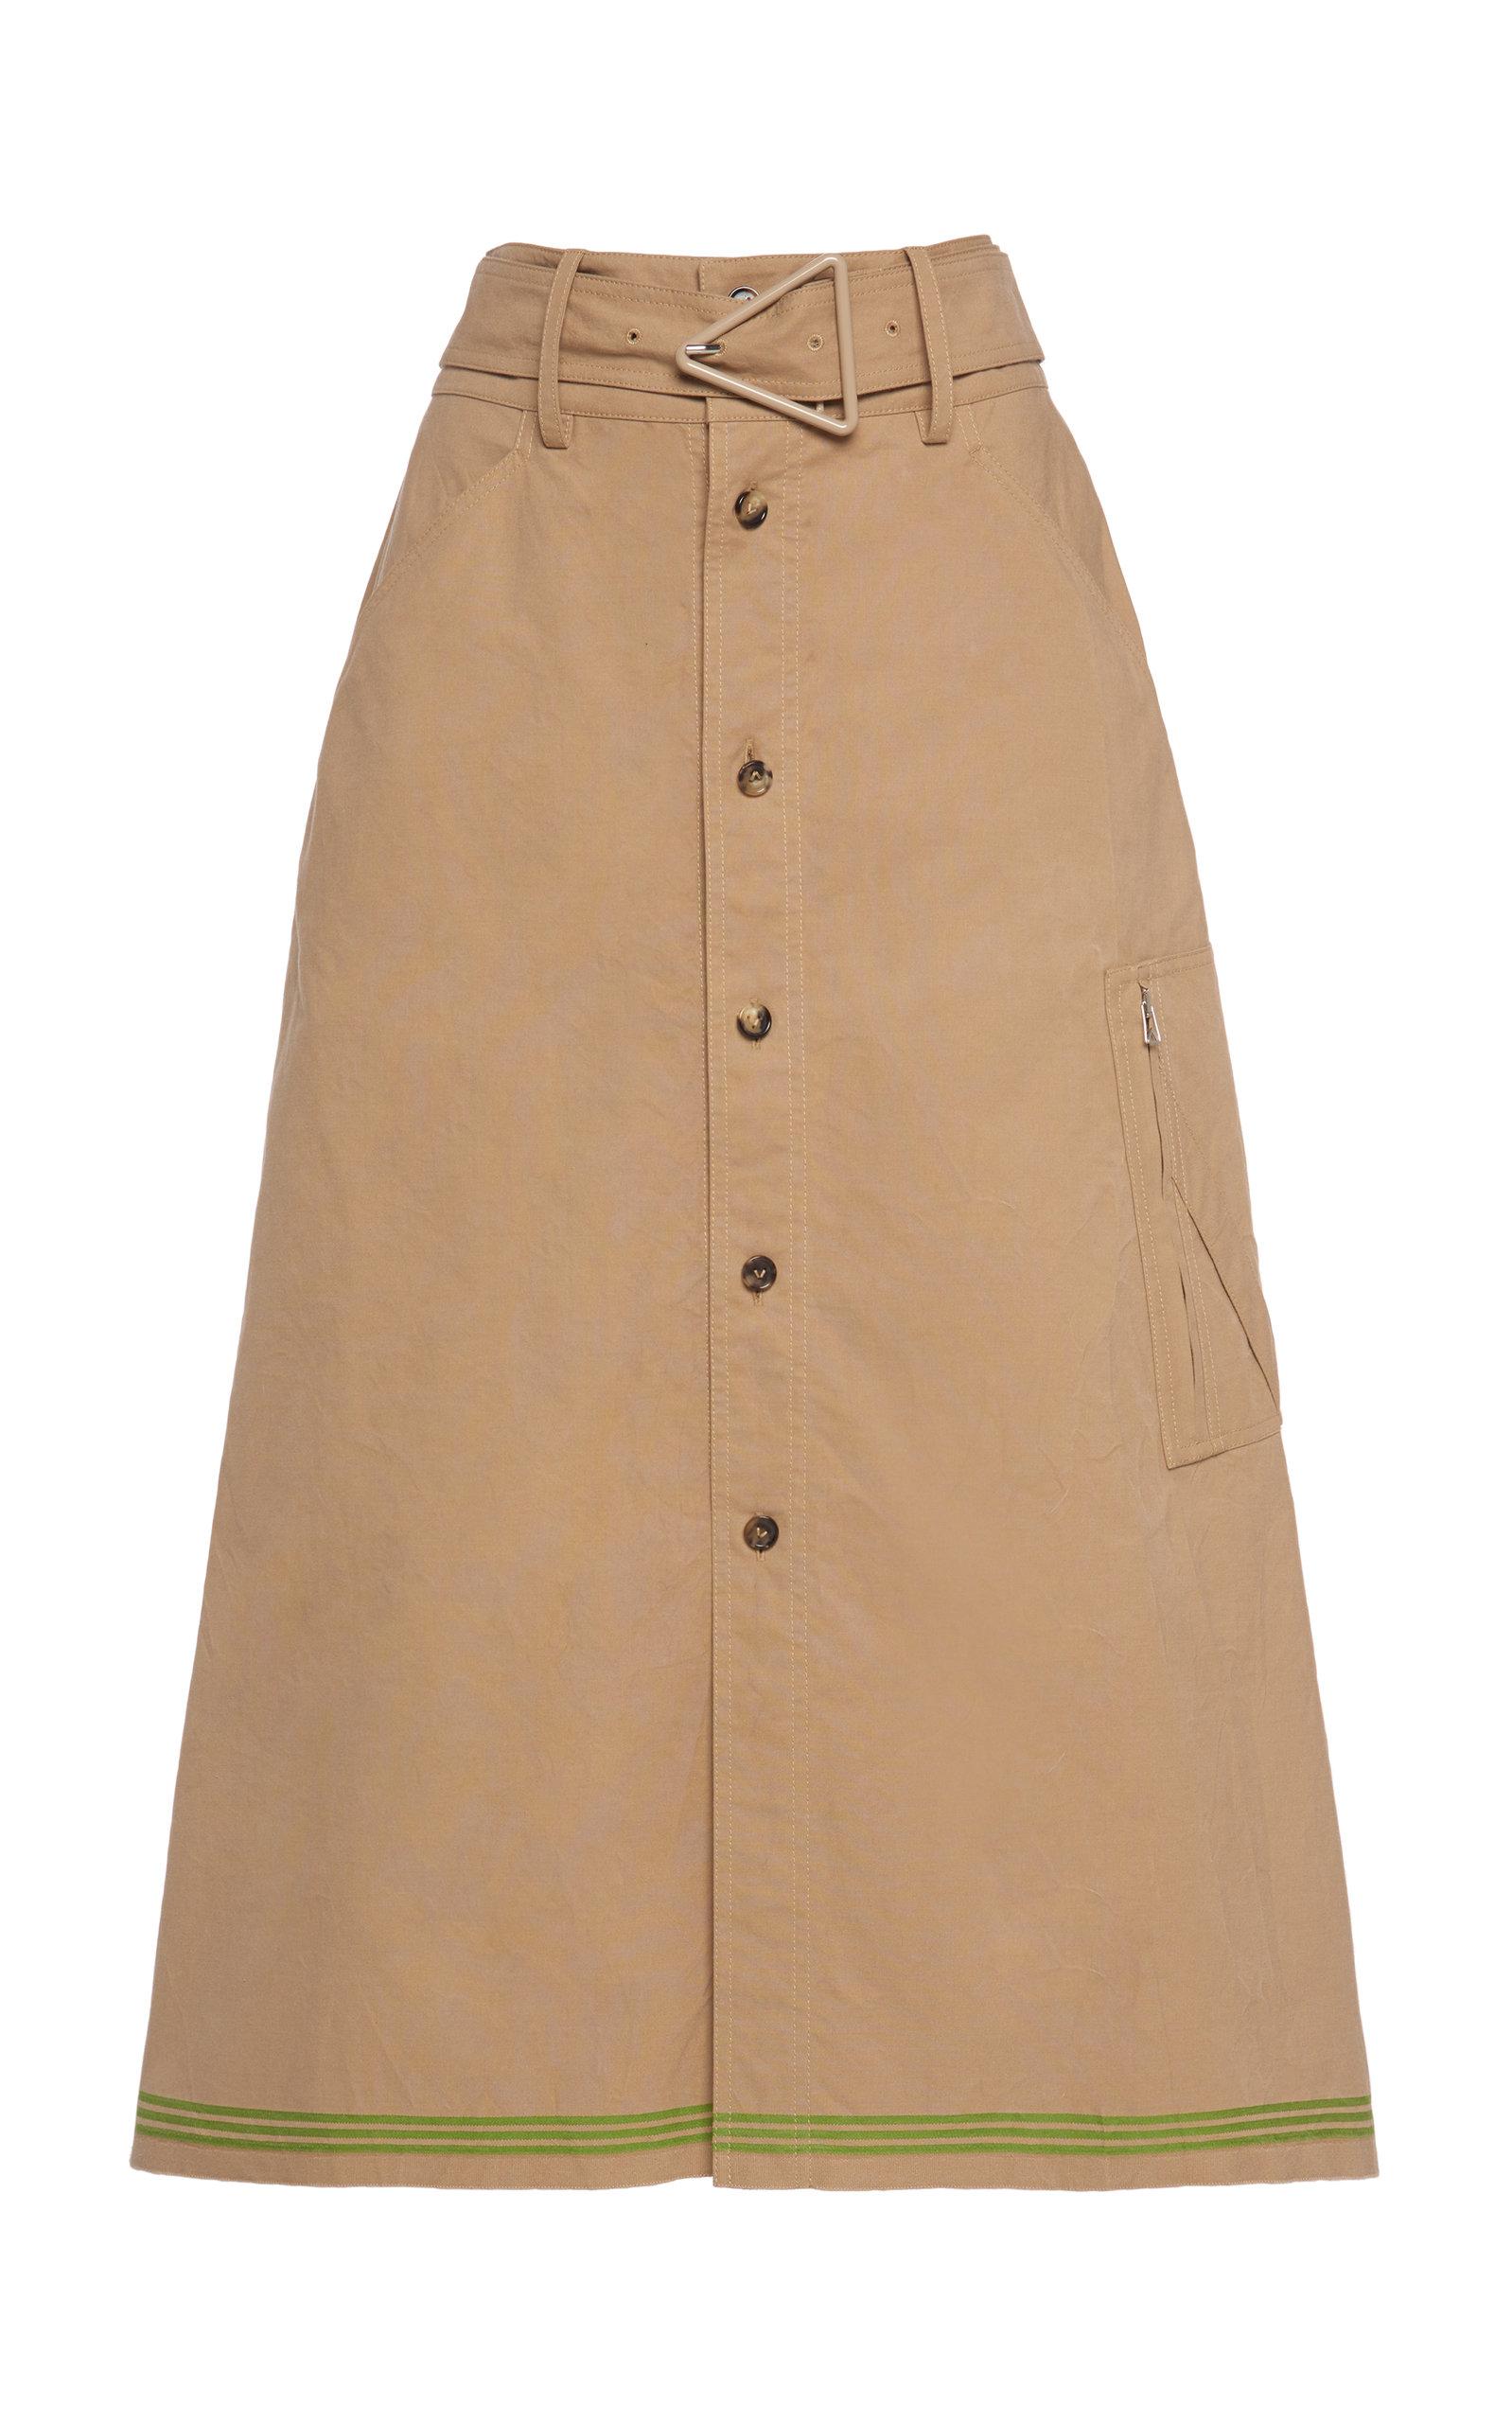 Bottega Veneta – Women's Belted Cotton Midi Skirt – Neutral – Moda Operandi